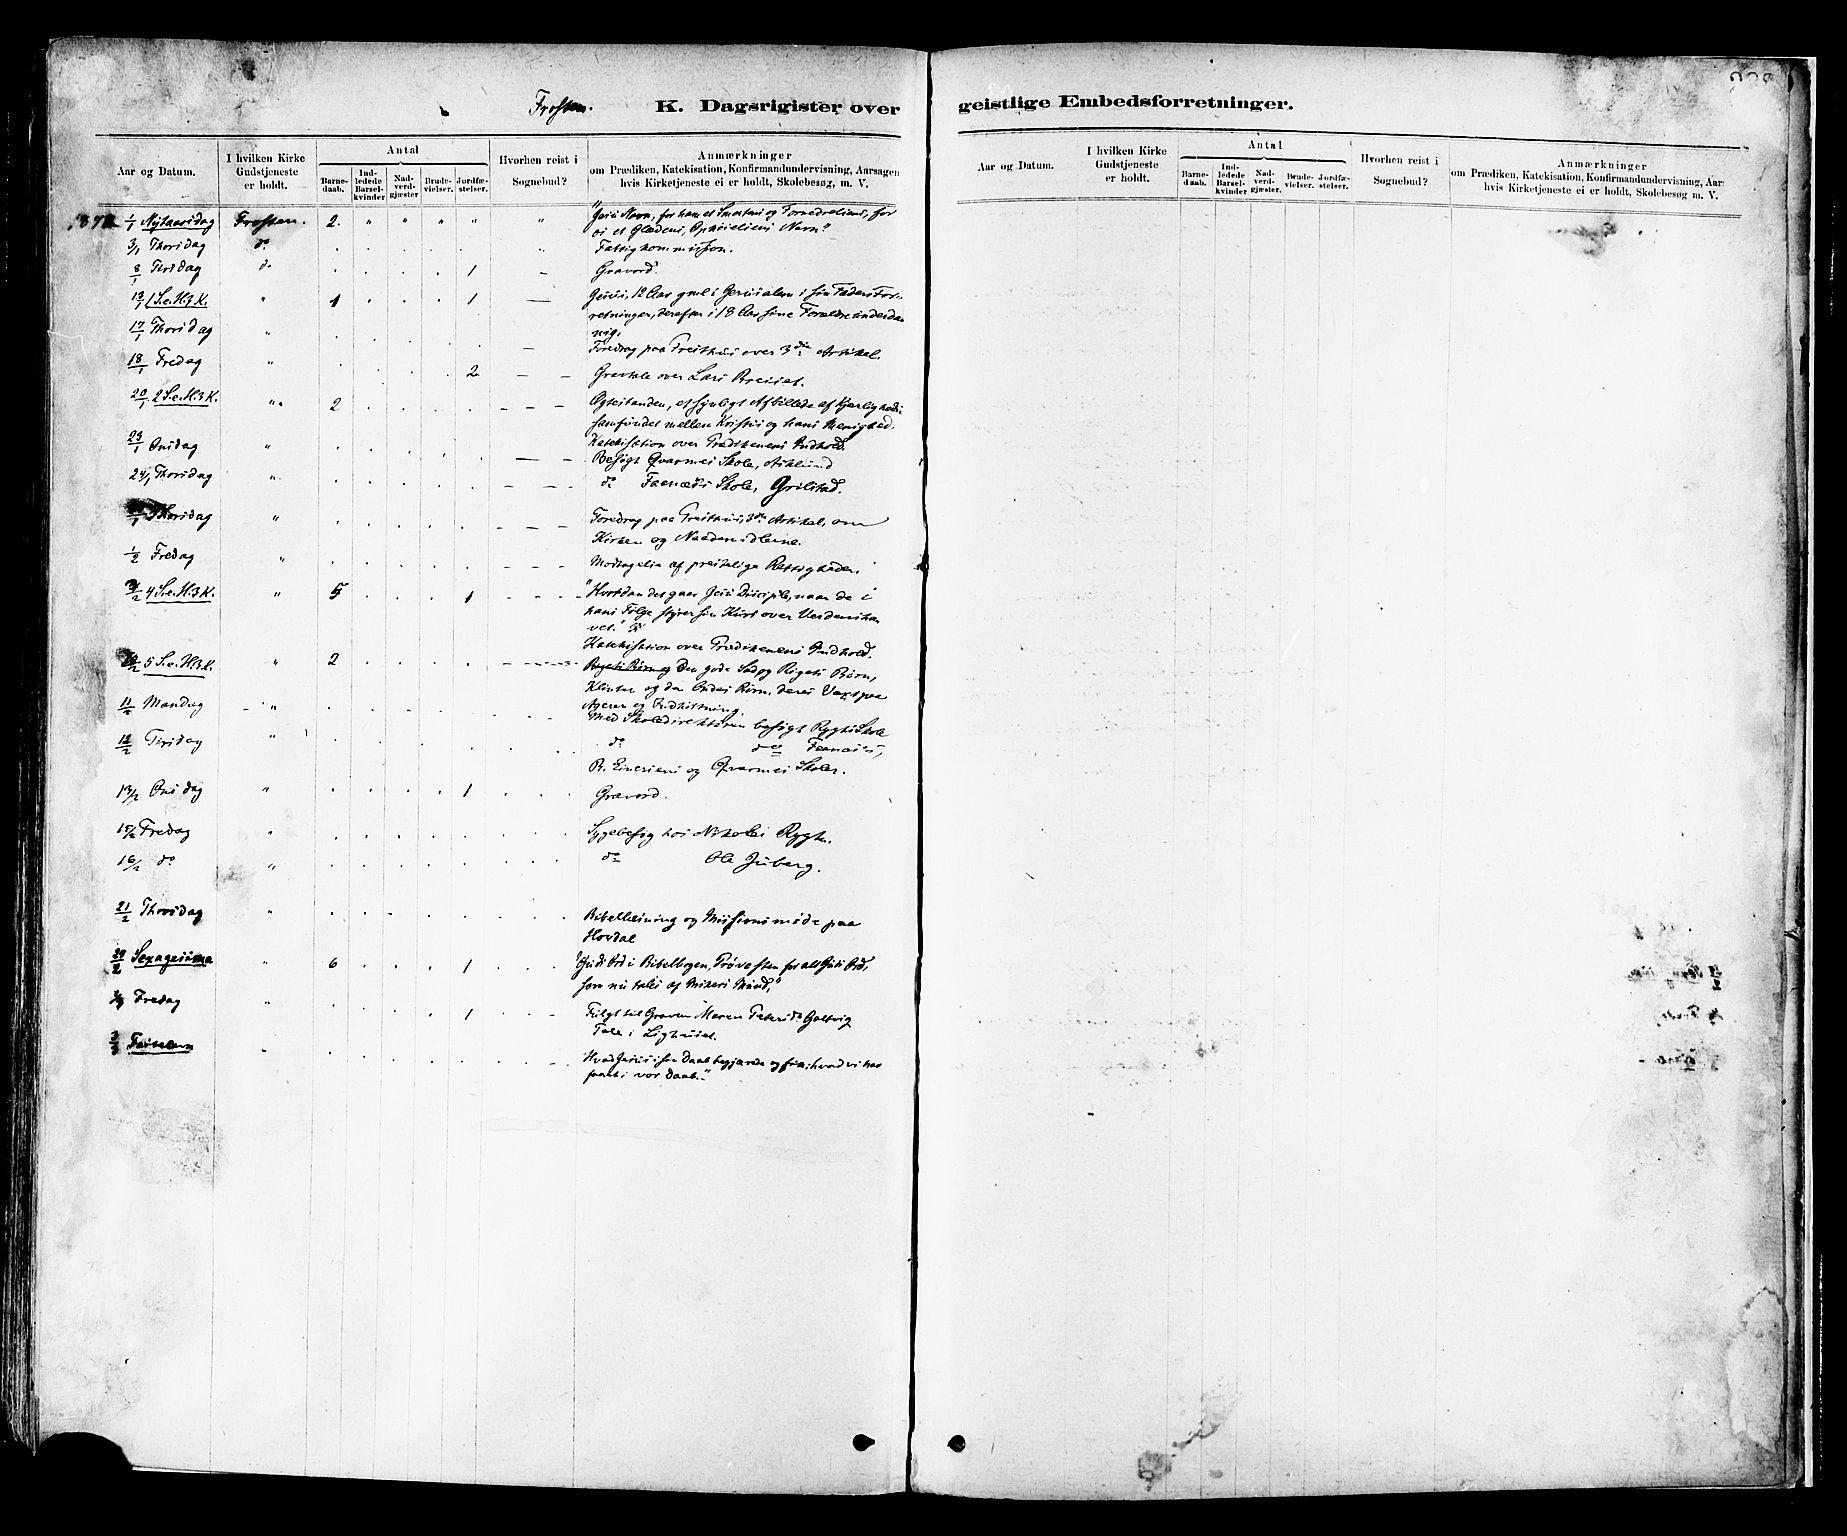 SAT, Ministerialprotokoller, klokkerbøker og fødselsregistre - Nord-Trøndelag, 713/L0120: Parish register (official) no. 713A09, 1878-1887, p. 288